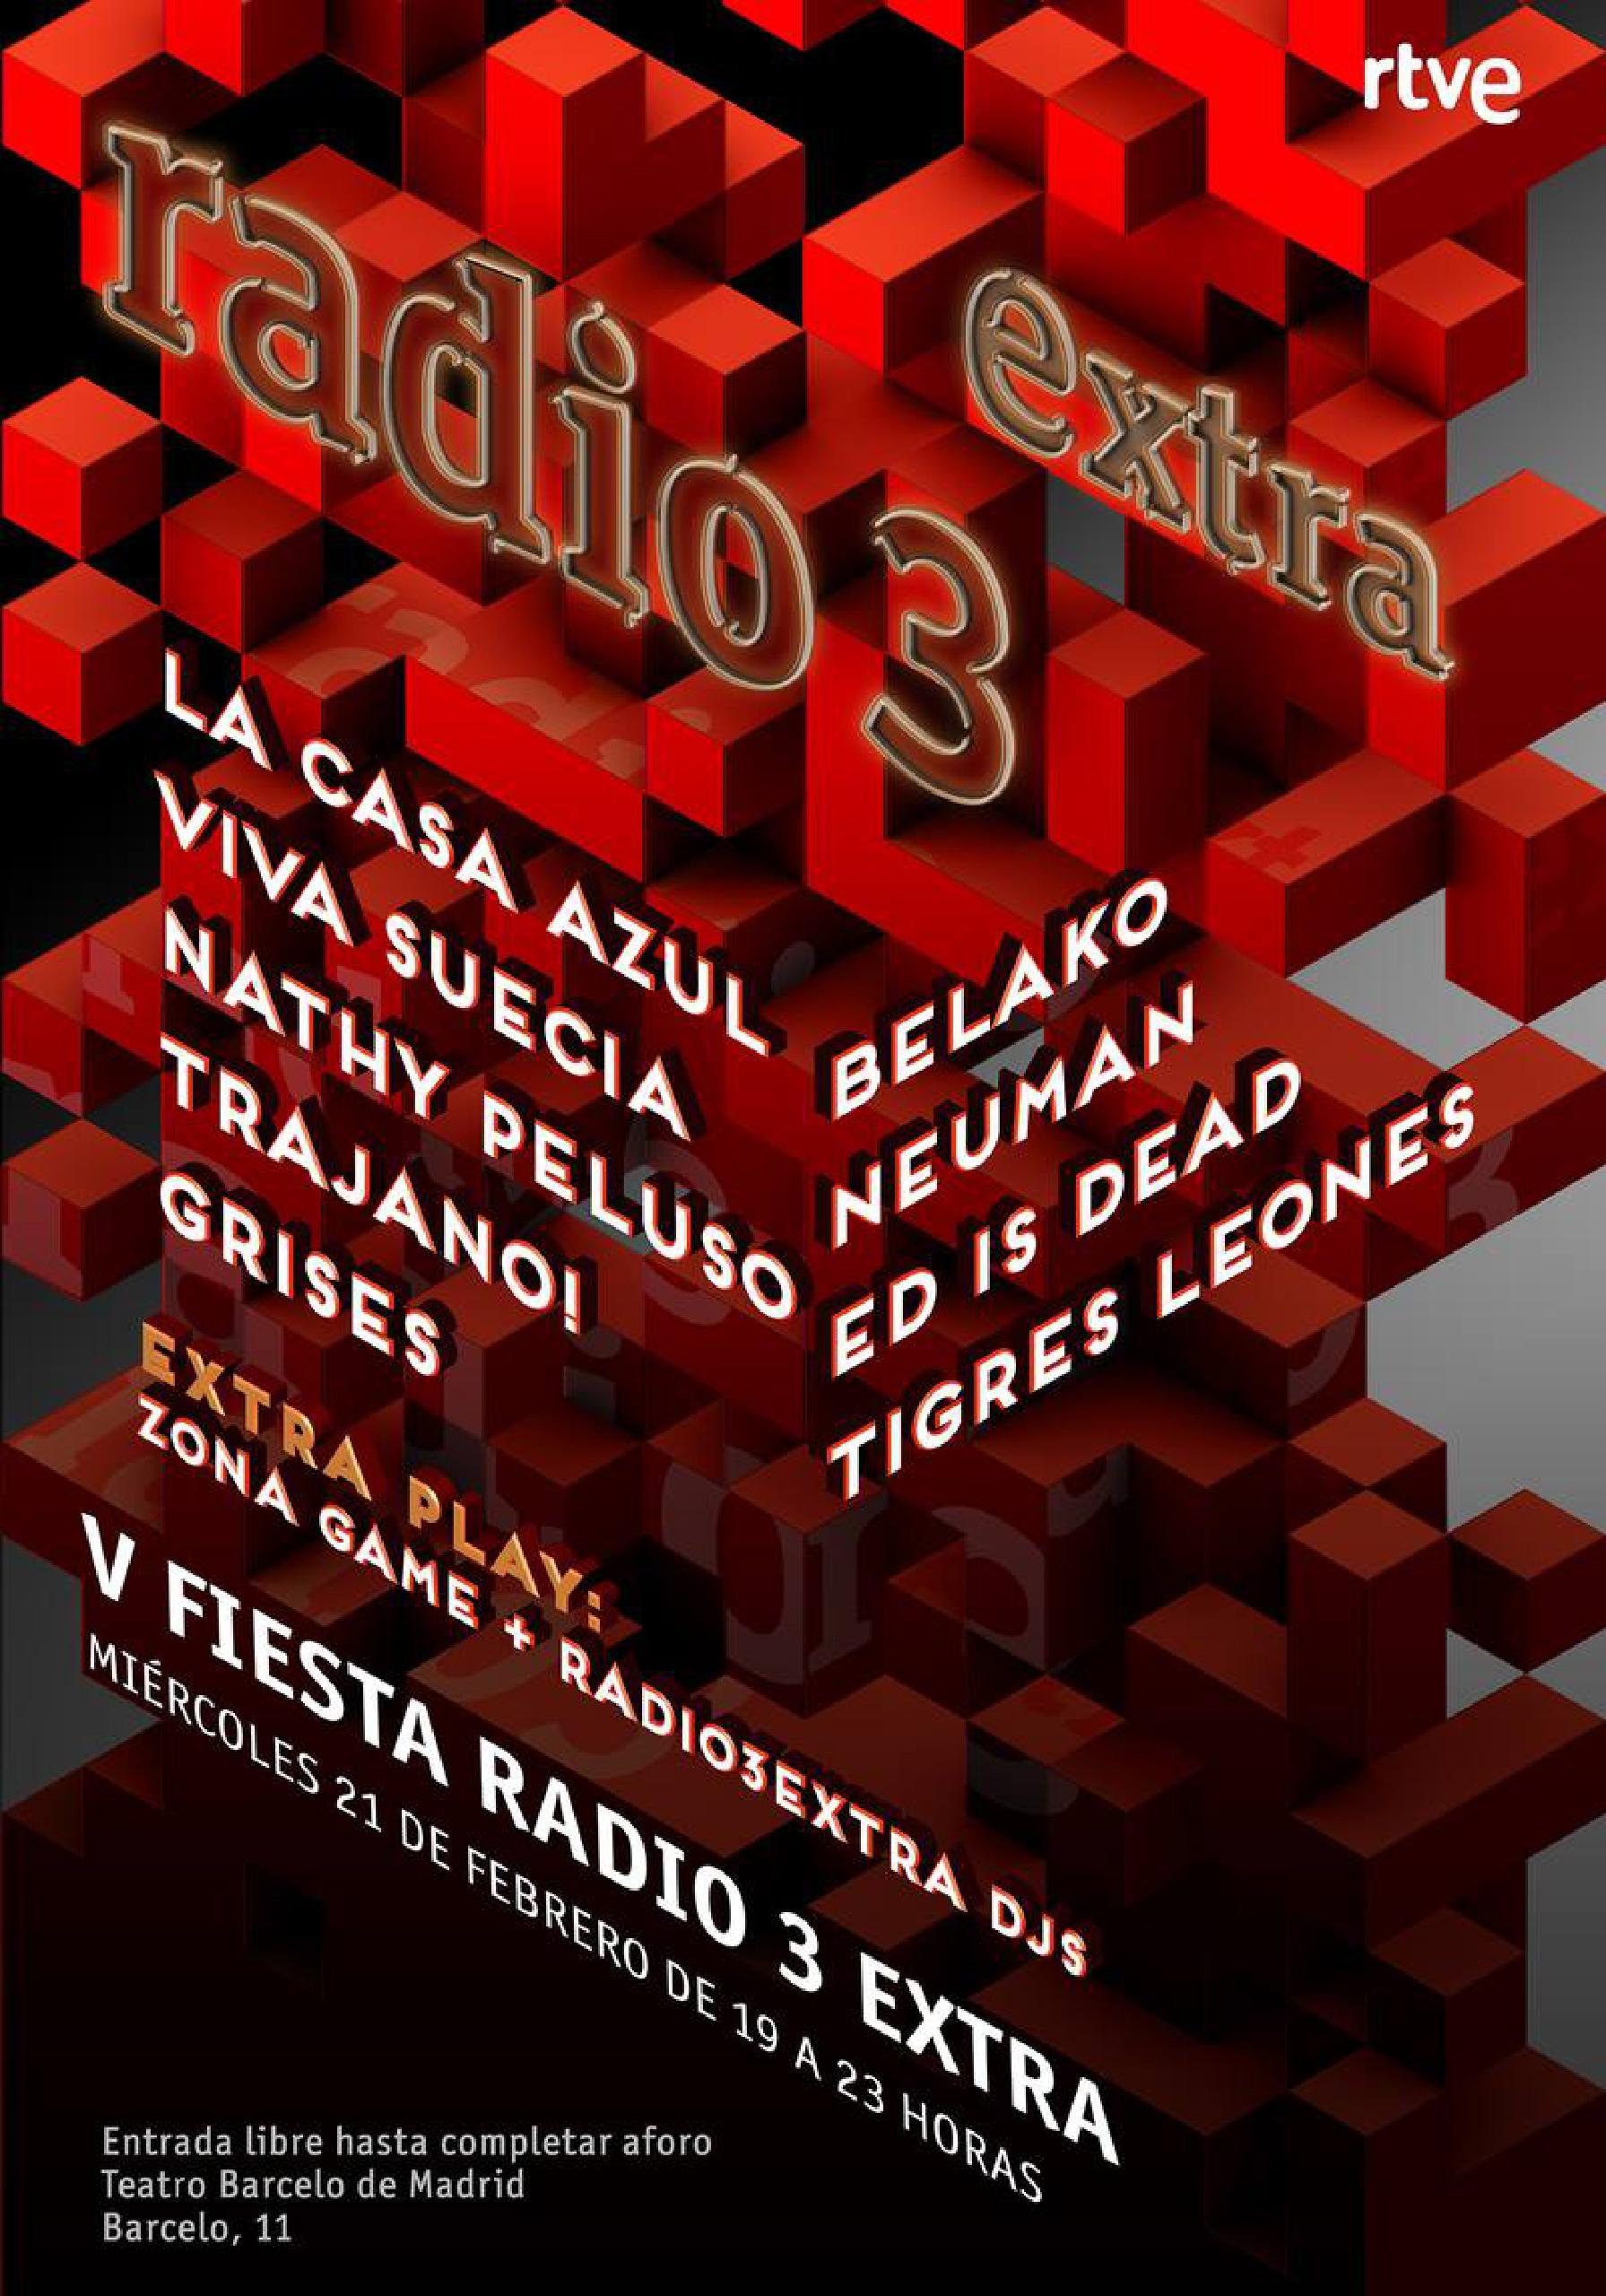 Concierto fiesta Radio 3 Extra Quinto Aniversario